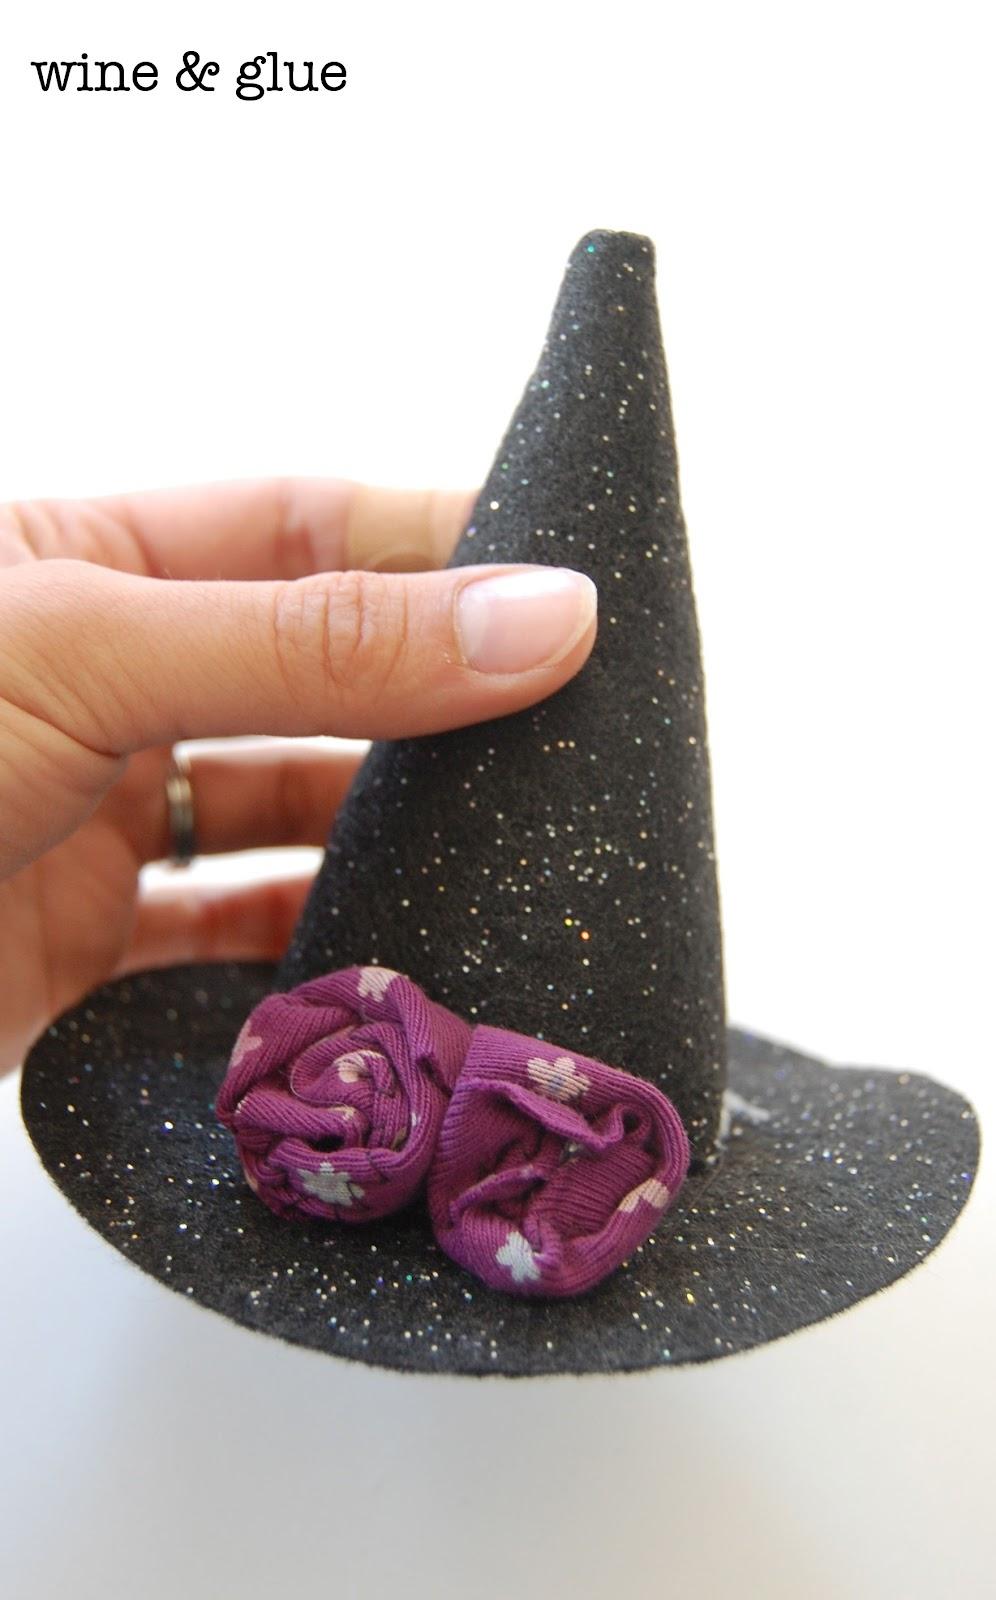 Cute Little Witch Costume - Wine & Glue